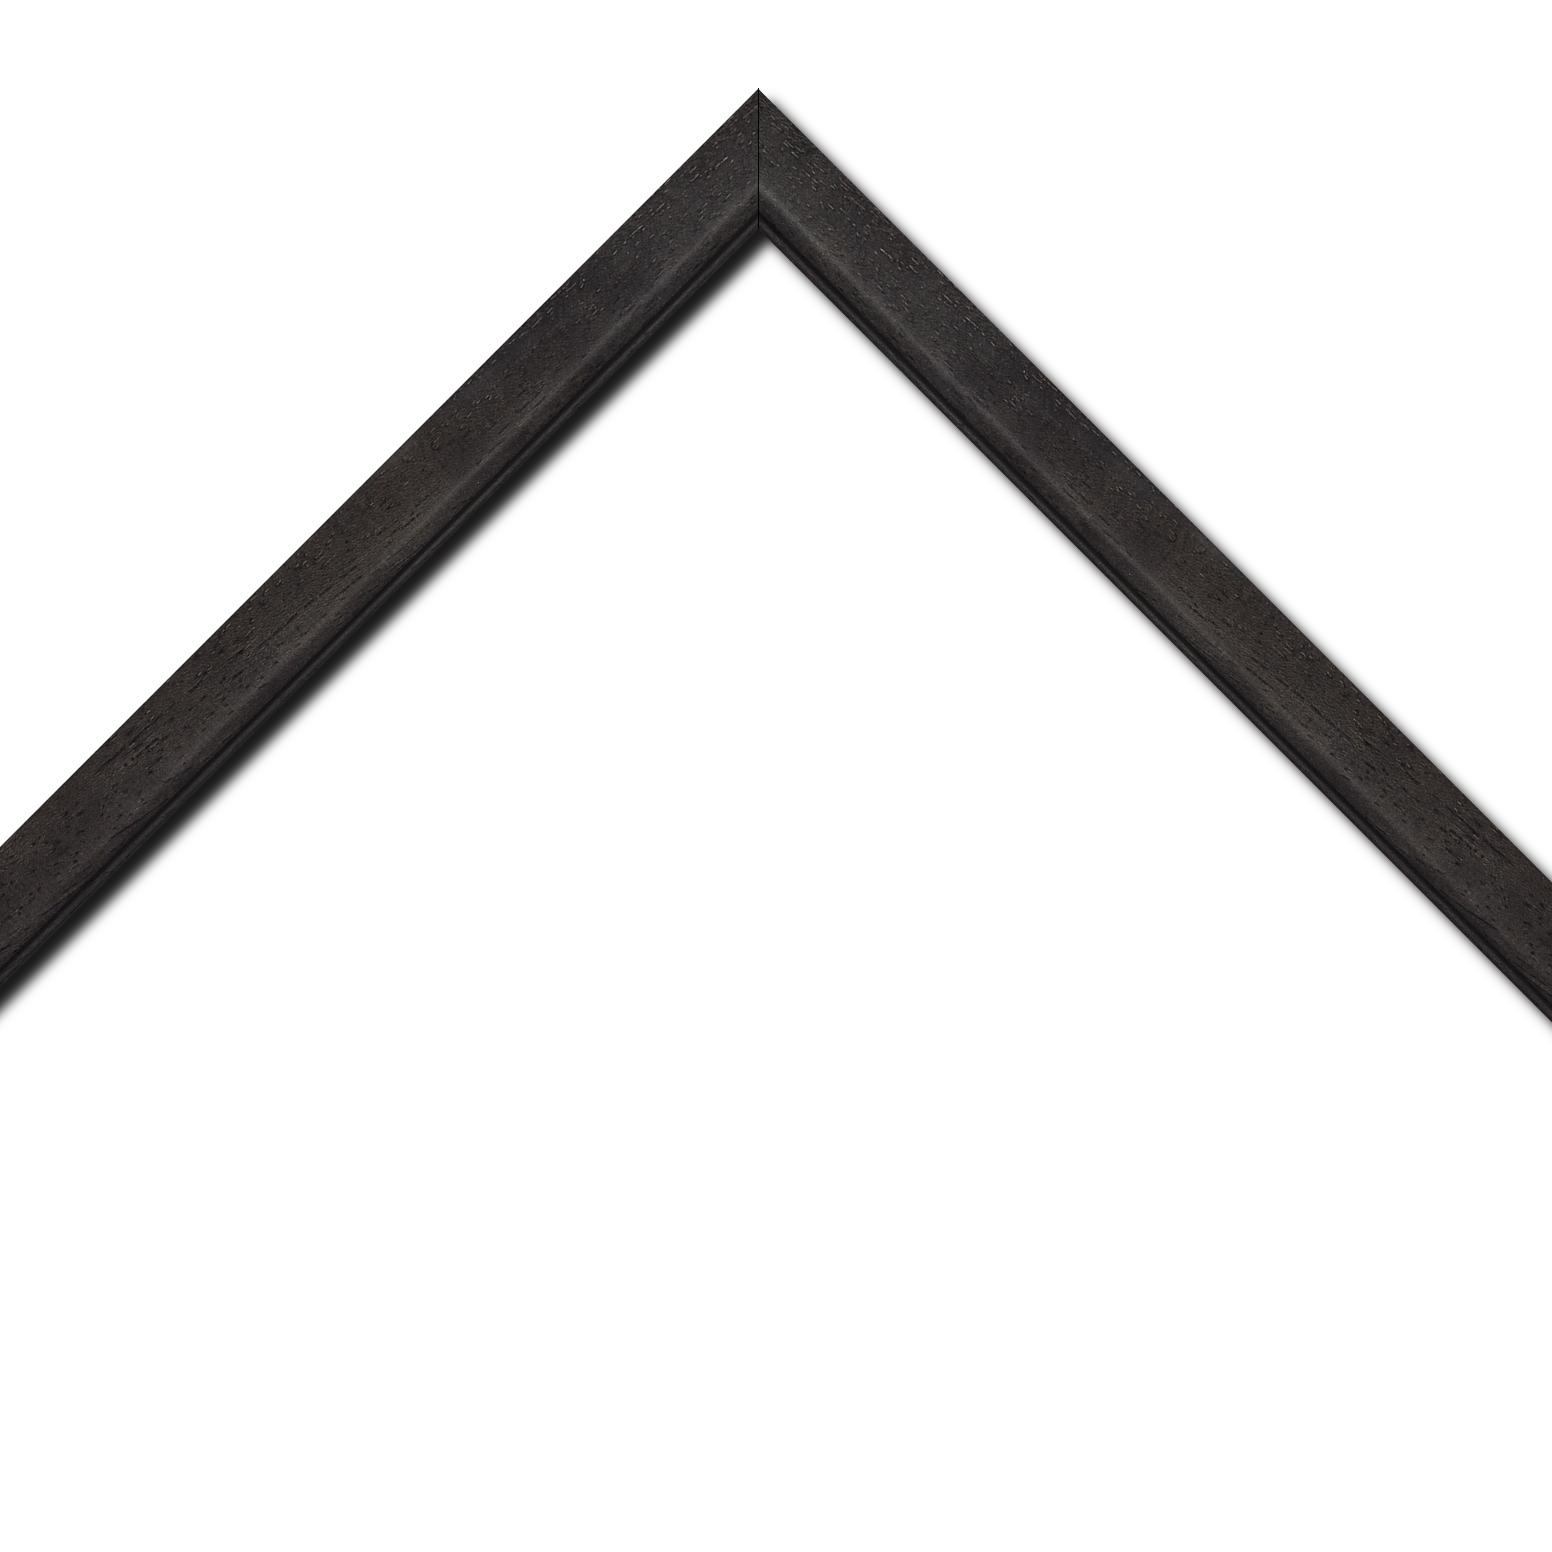 Baguette bois profil bombé largeur 2.4cm couleur noir anthracite satiné